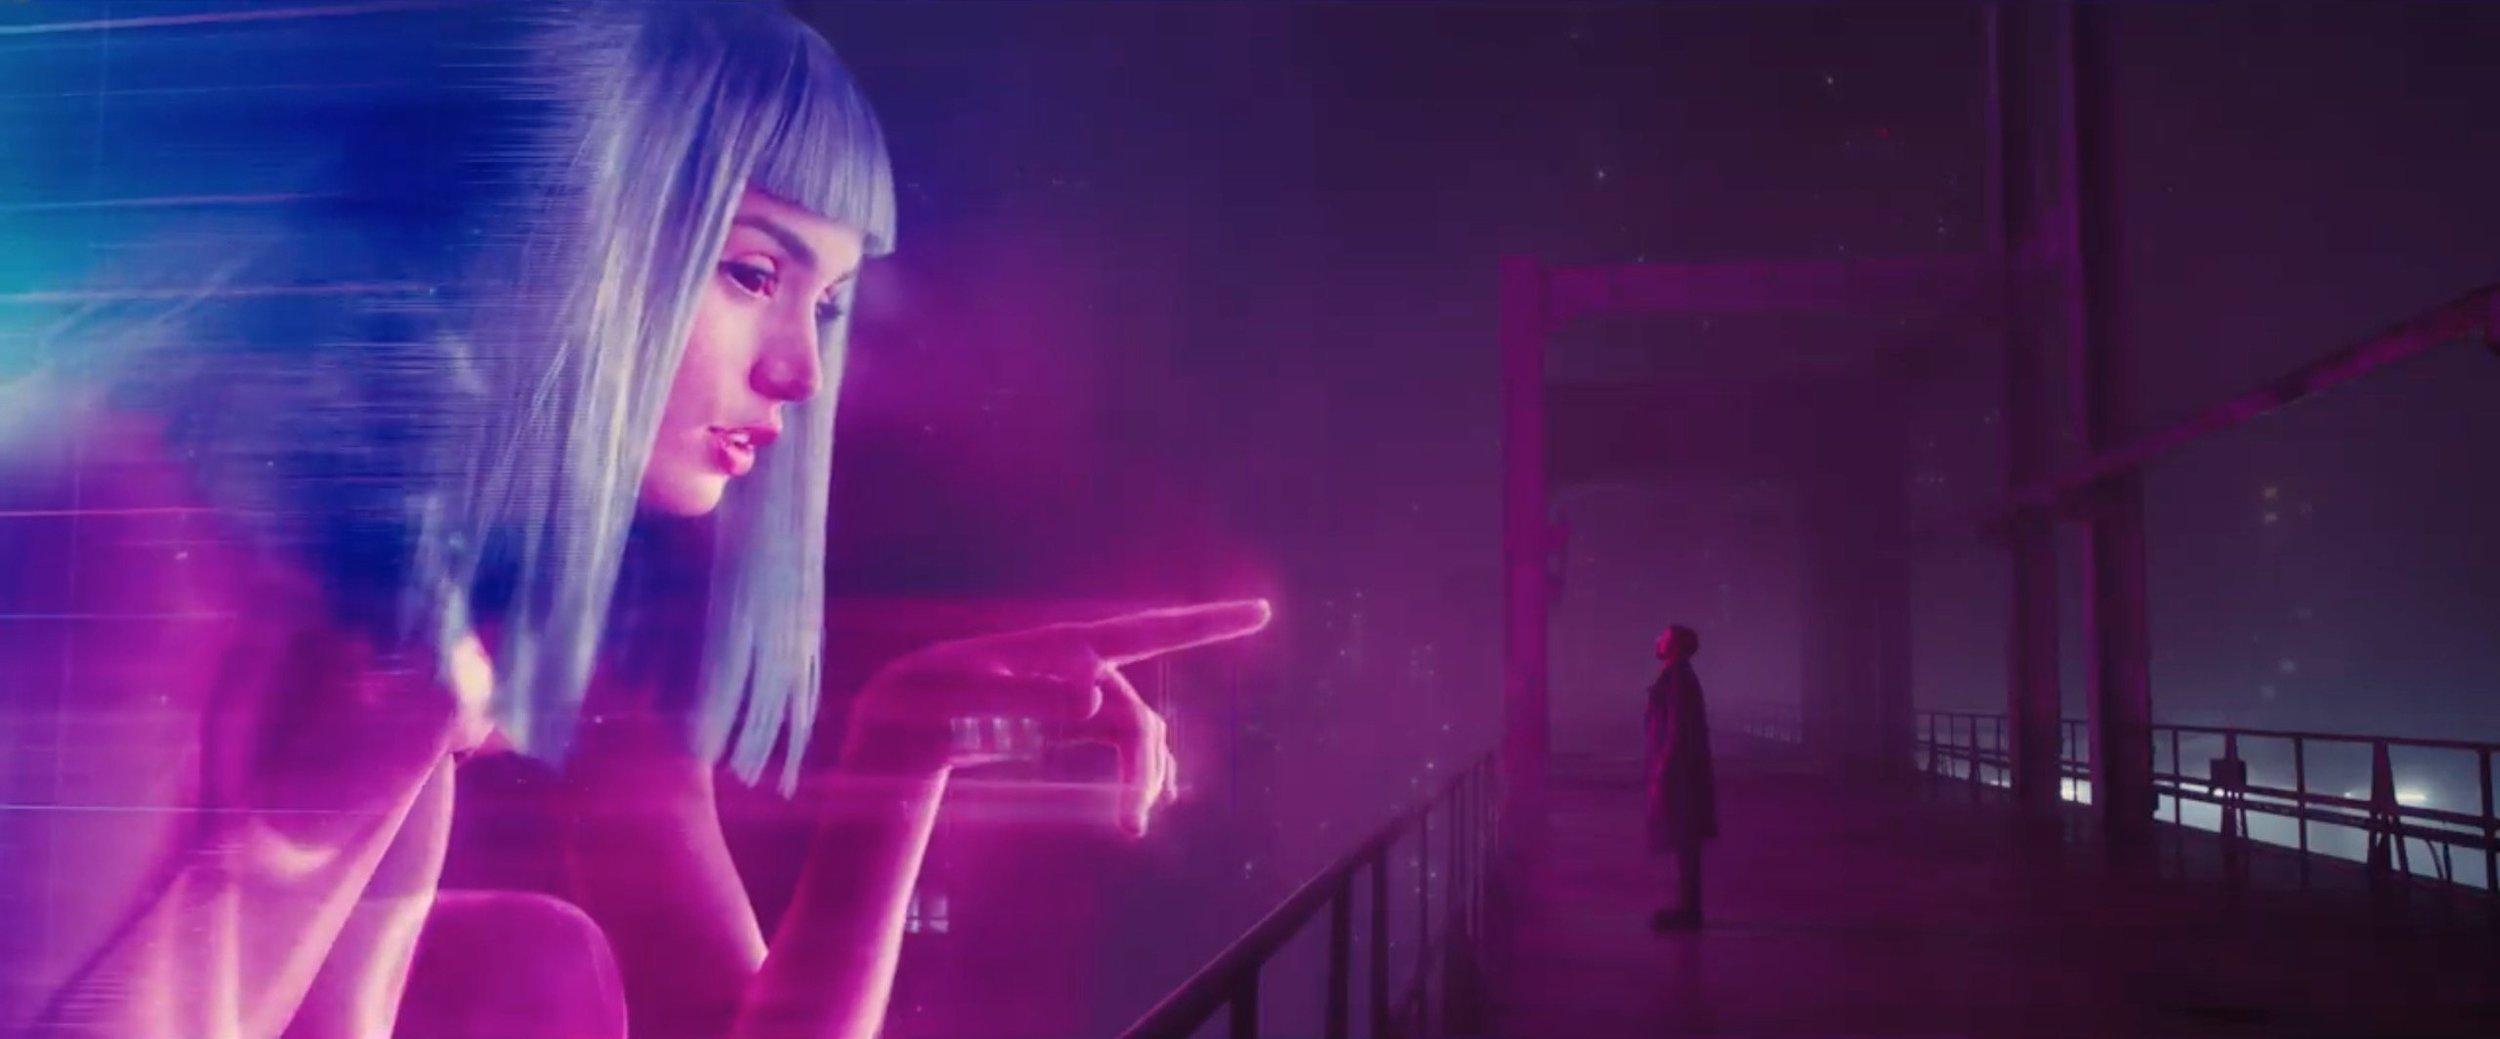 Blade-Runner-2049-trailer-breakdown-37.jpg